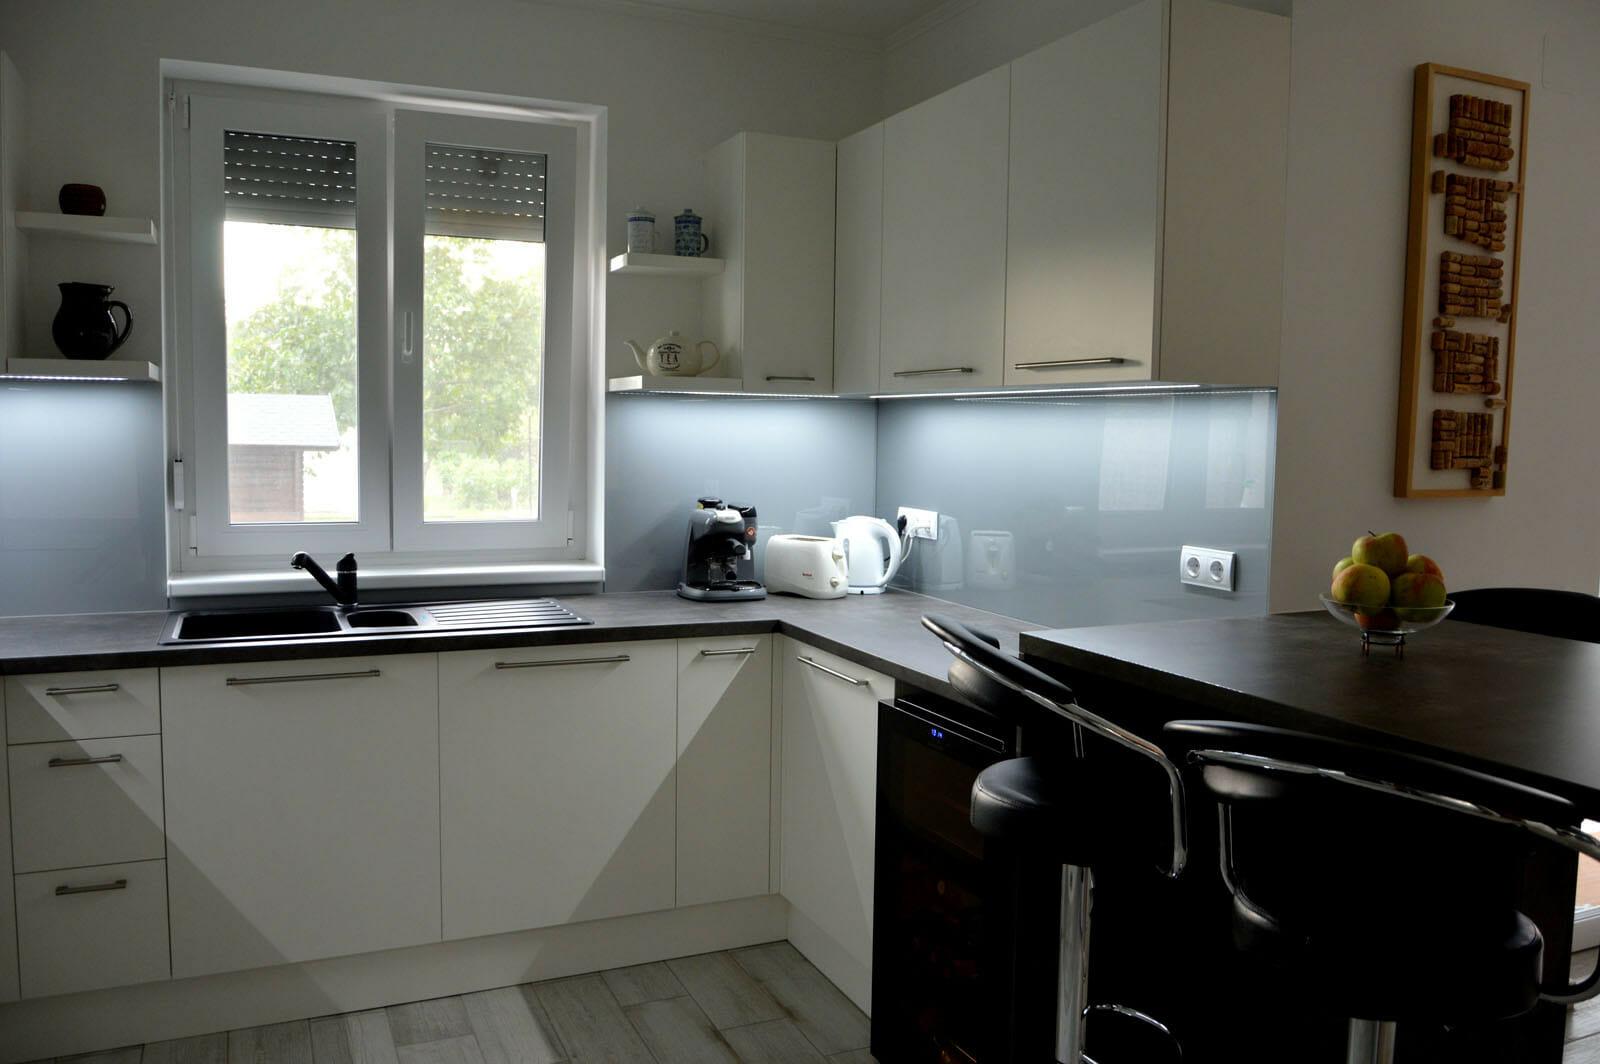 Modern - egyedi konyhabútor fehér - szürke színben, üveghátlappal, rejtett LED világítással, beépített borhűtővel, szigetrésszel